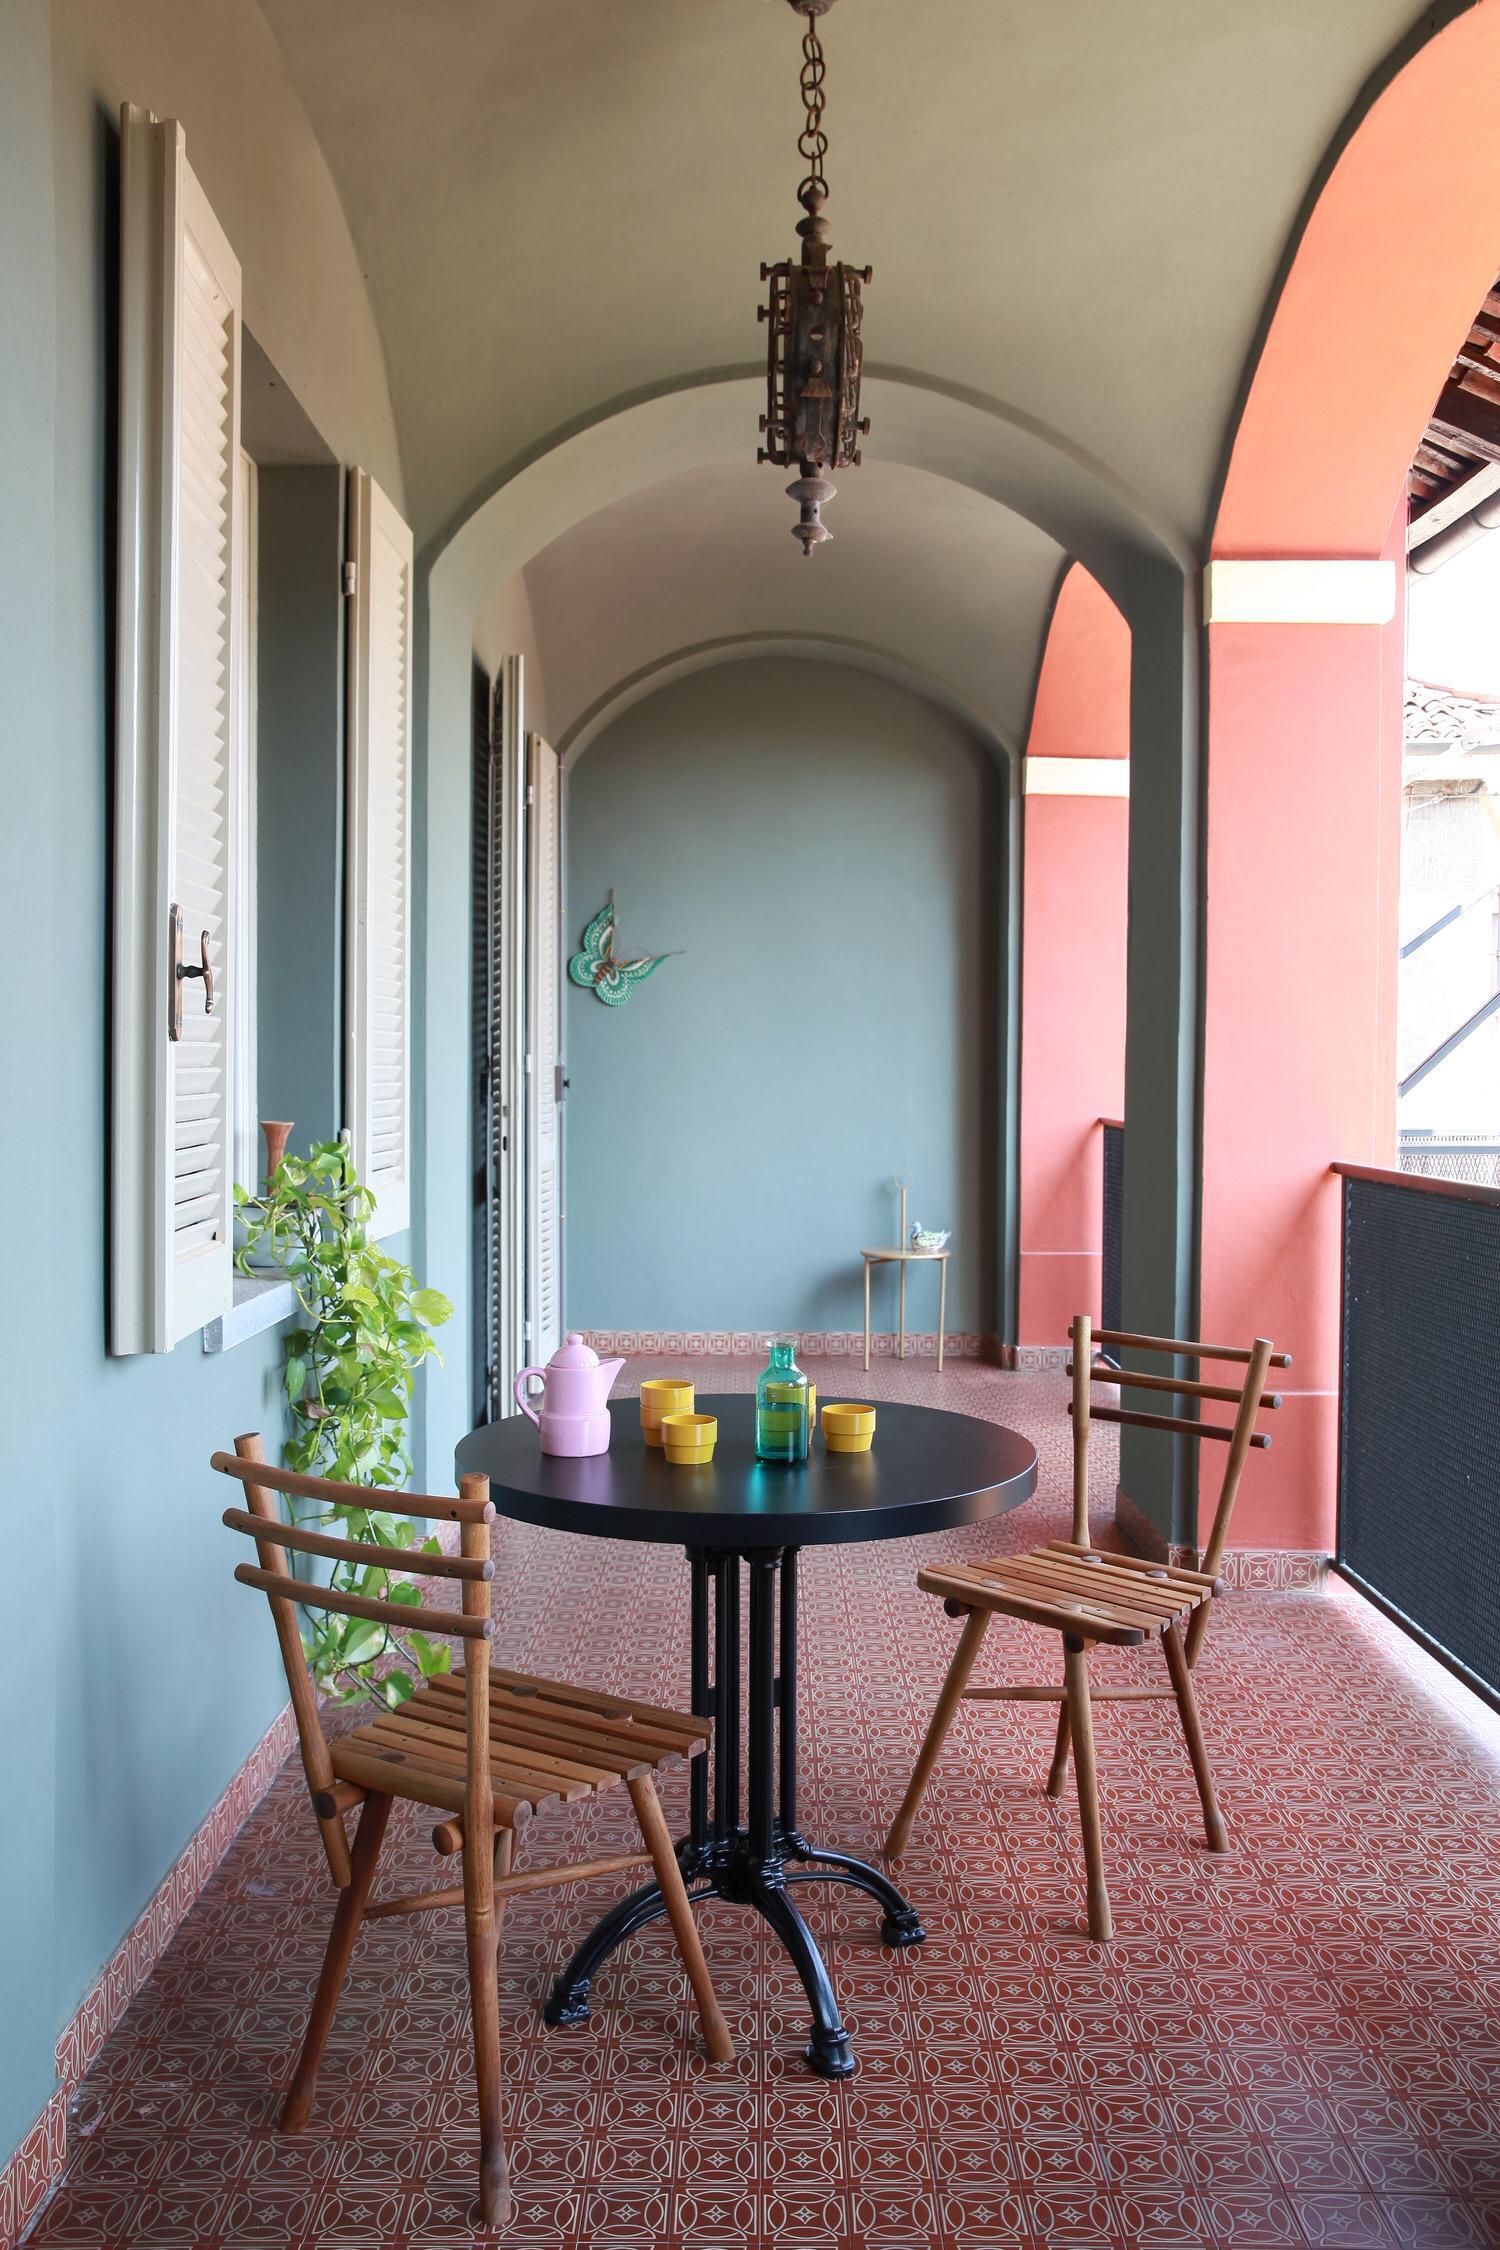 Marcante Testa Private House Renovation Cavallermaggiore Photo Carola Ripamonti Yellowtrace 06